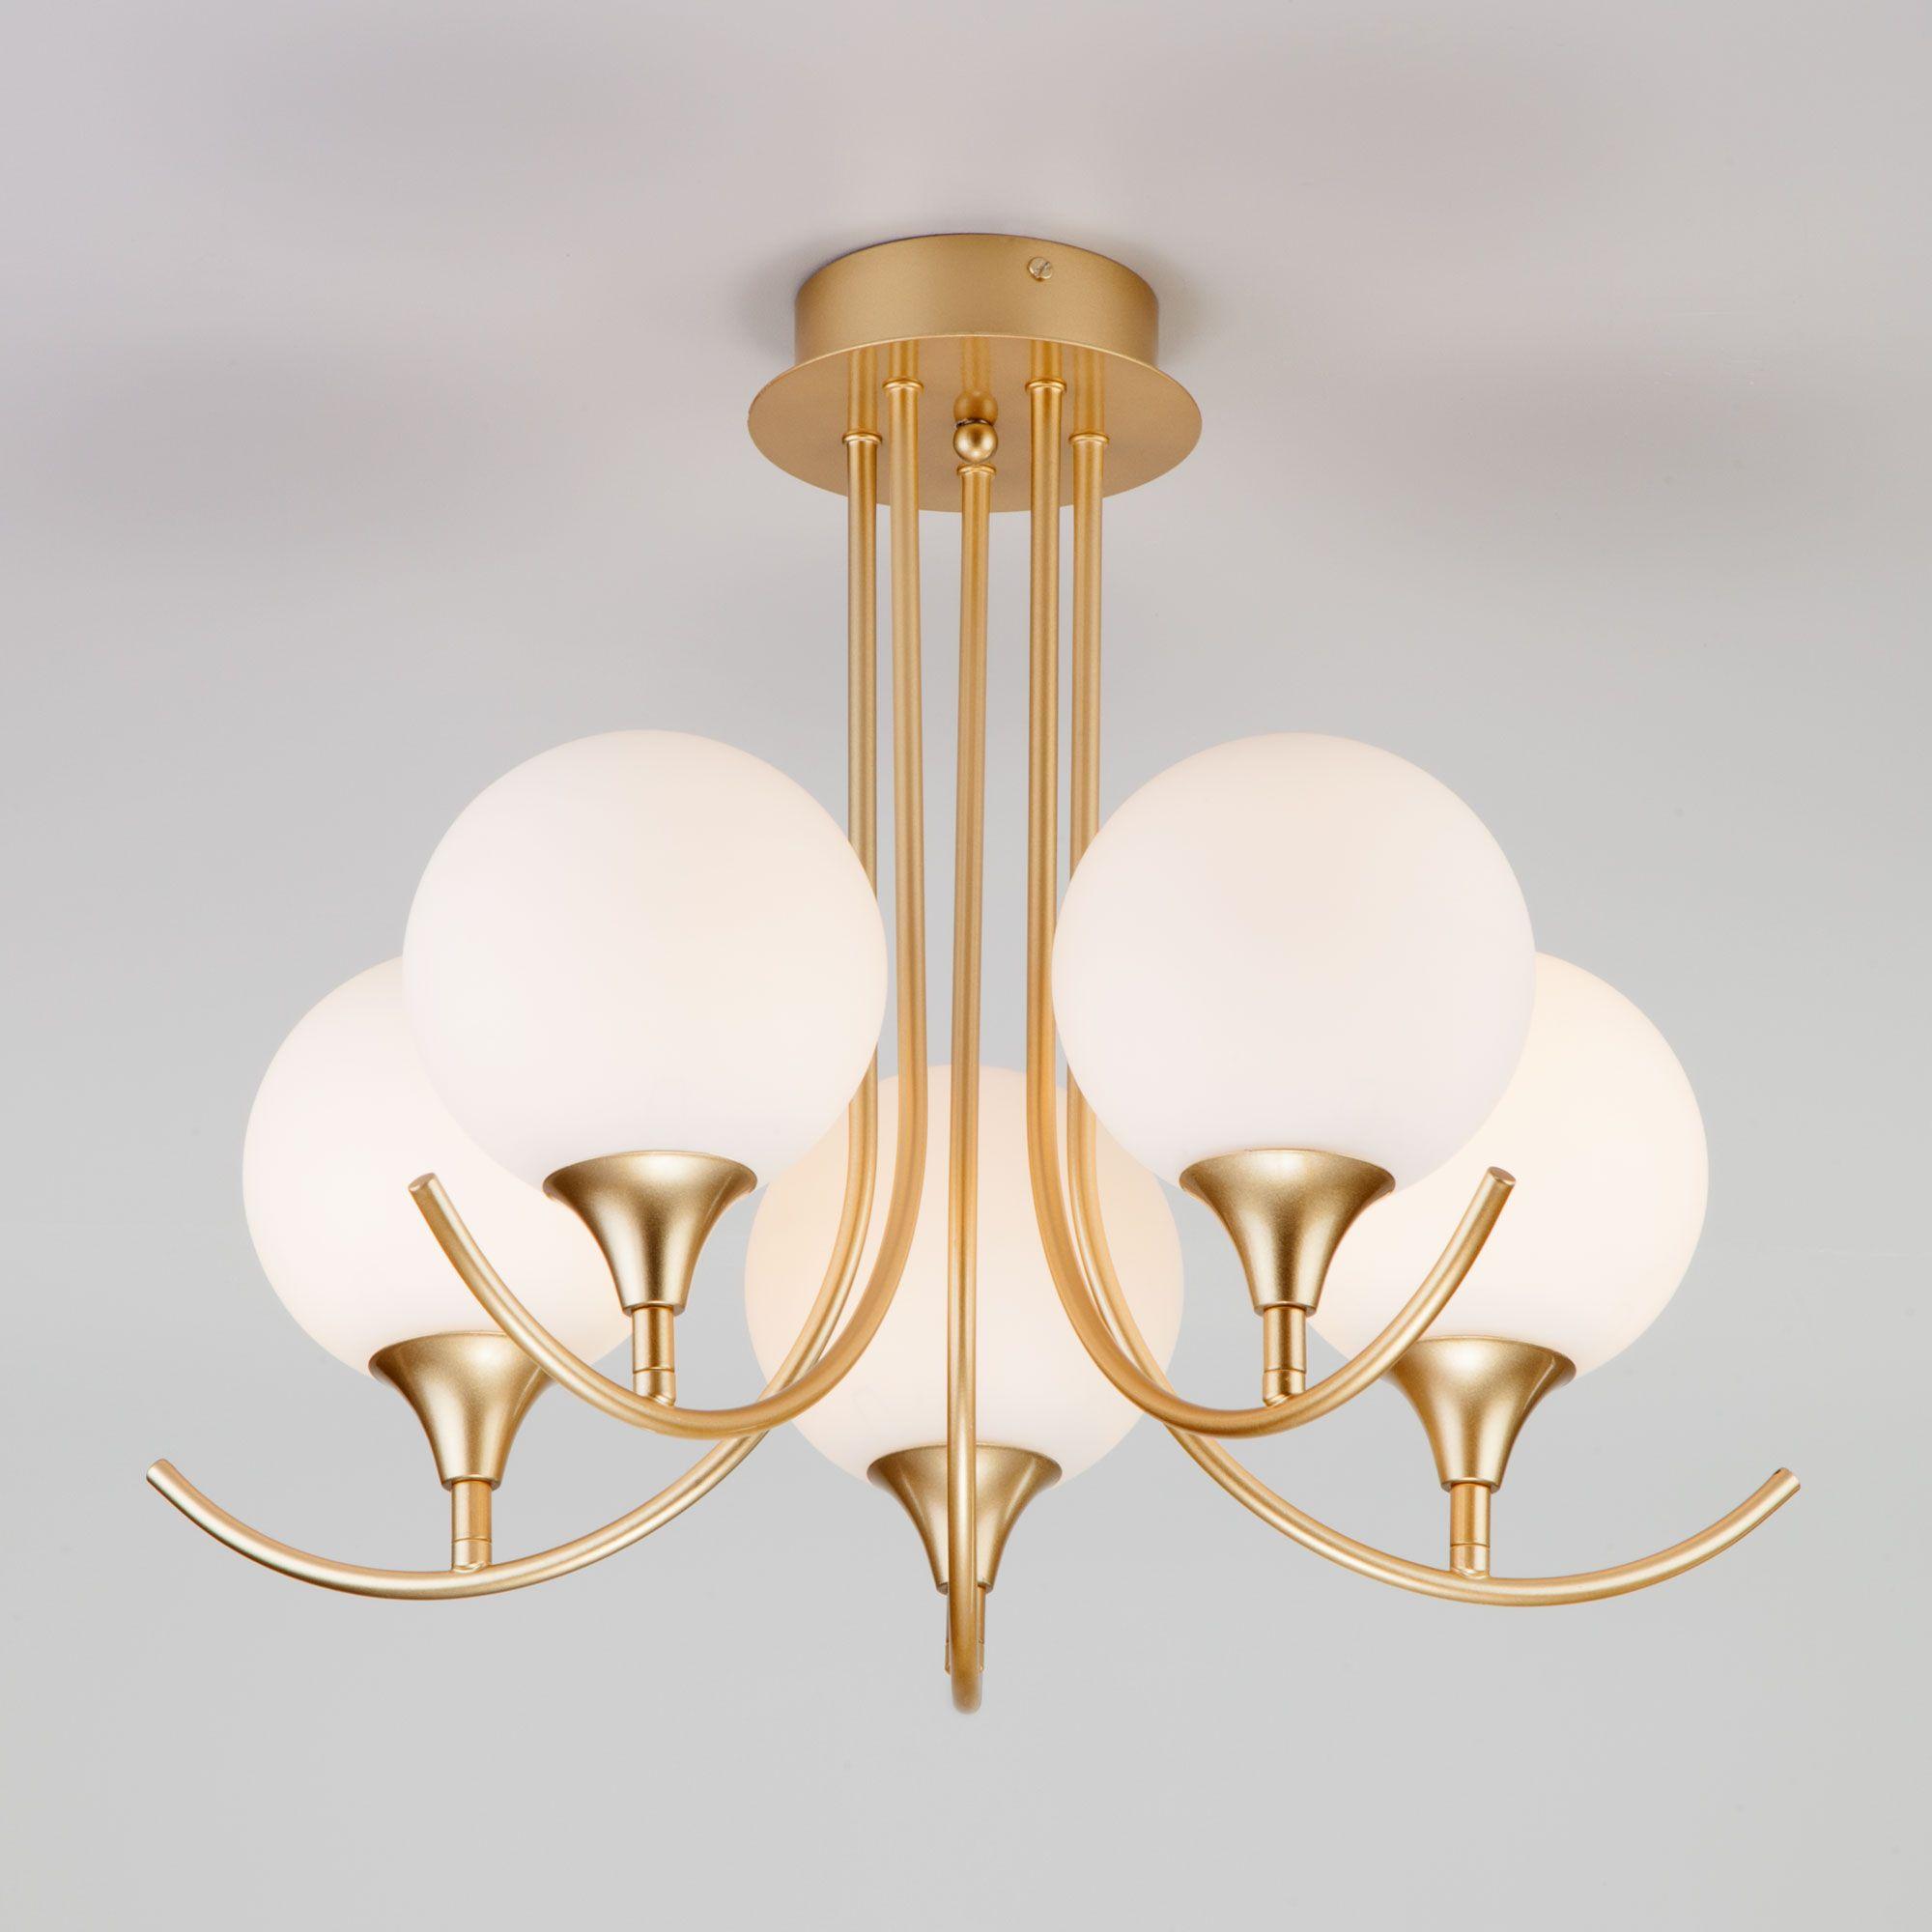 Уличный светодиодный светильник Эльбрус 16 - купить